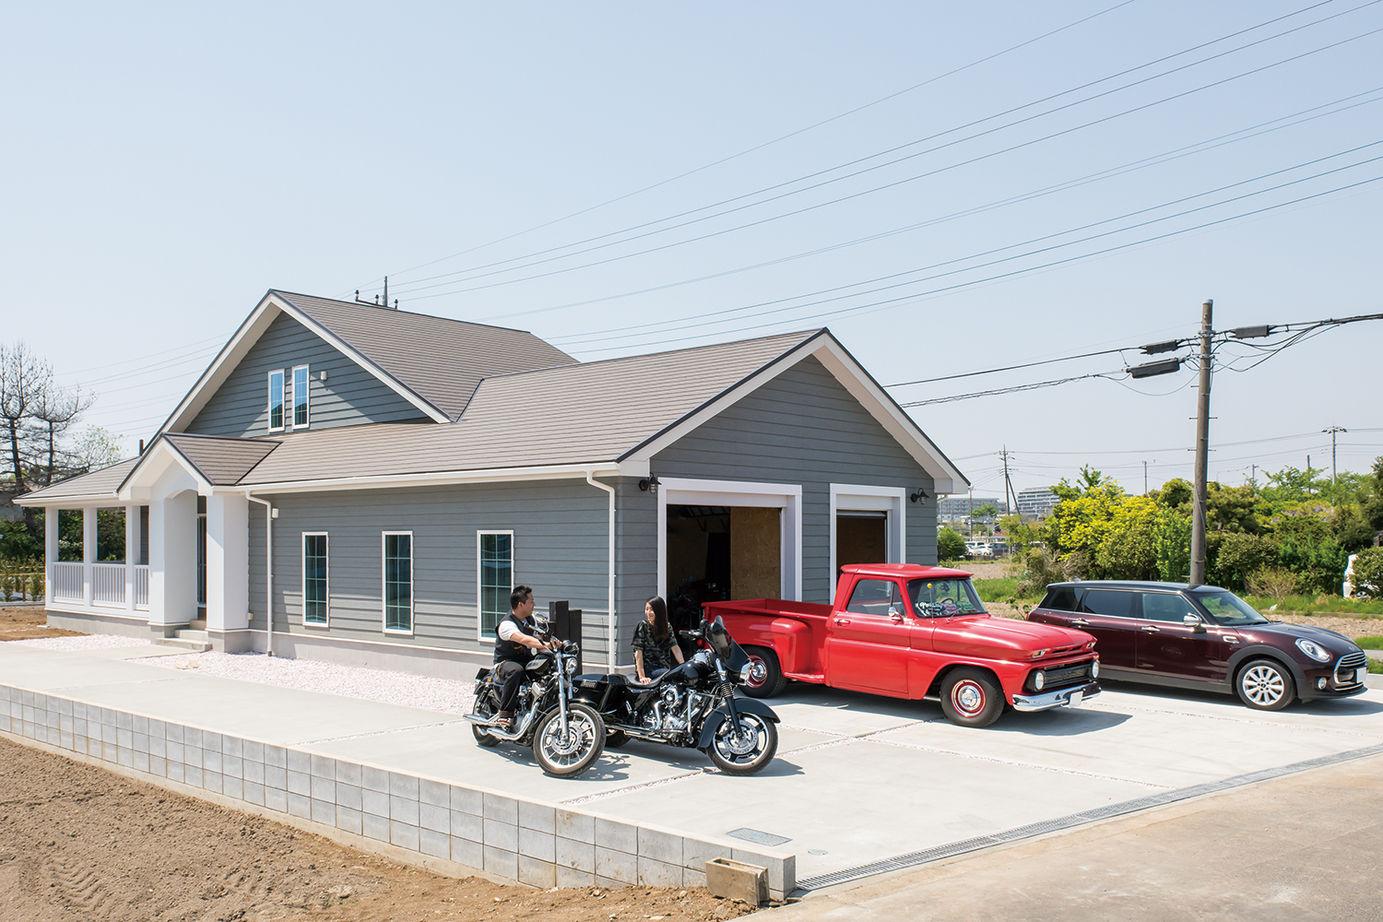 【2613万円】夢とこだわりがたっぷり!ビルトインガレージを楽しむ、ロフト付き平屋アメリカンハウス画像1